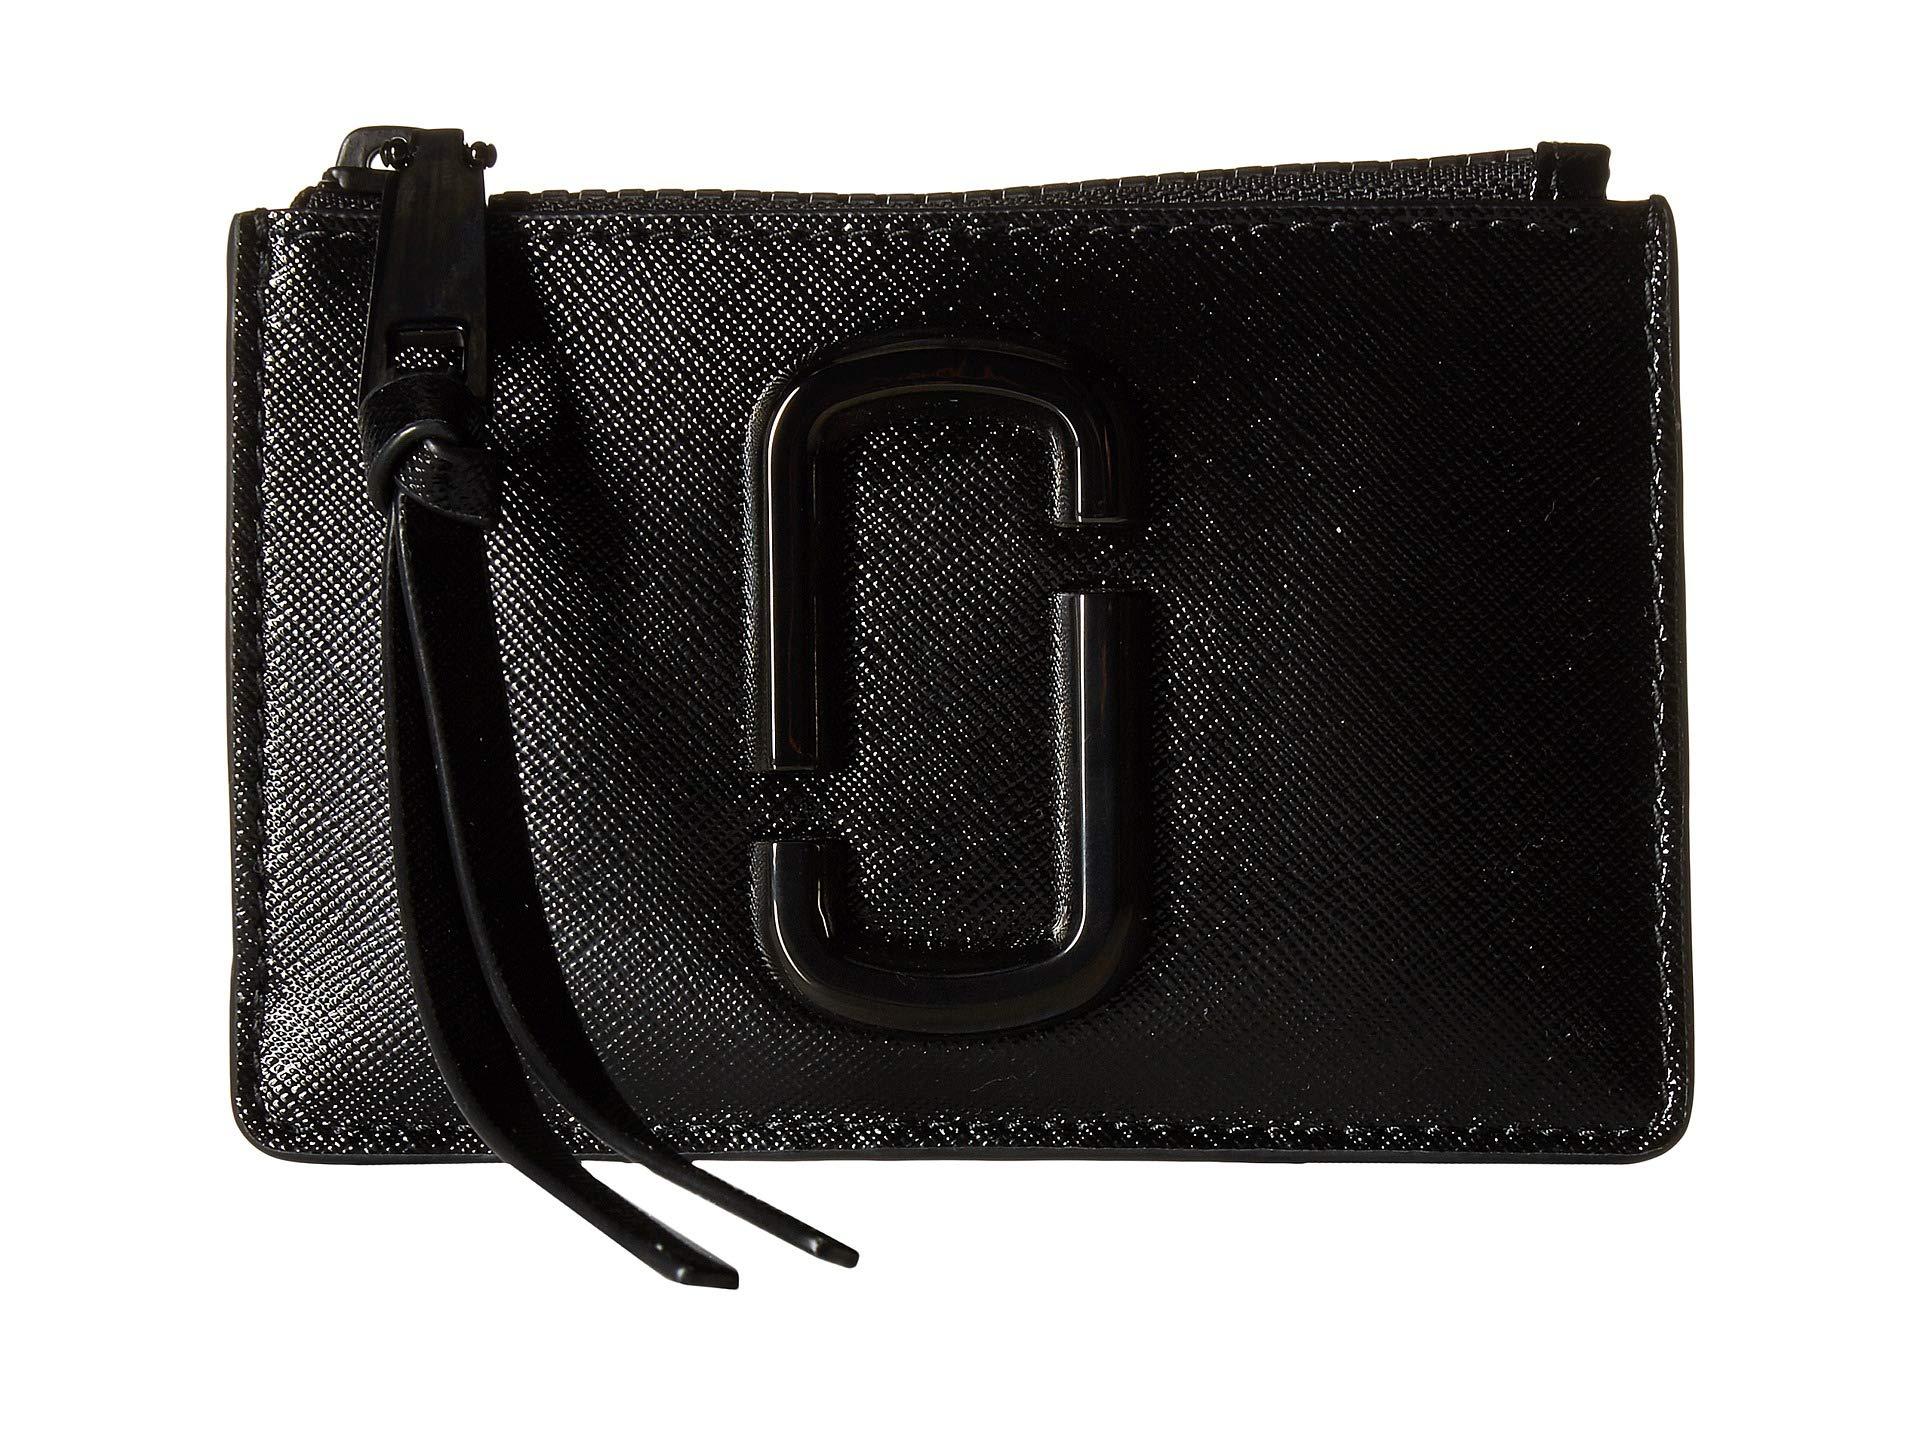 Kendte Marc Jacobs Snapshot DTM Top Zip Multi Wallet at Luxury.Zappos.com LI-28